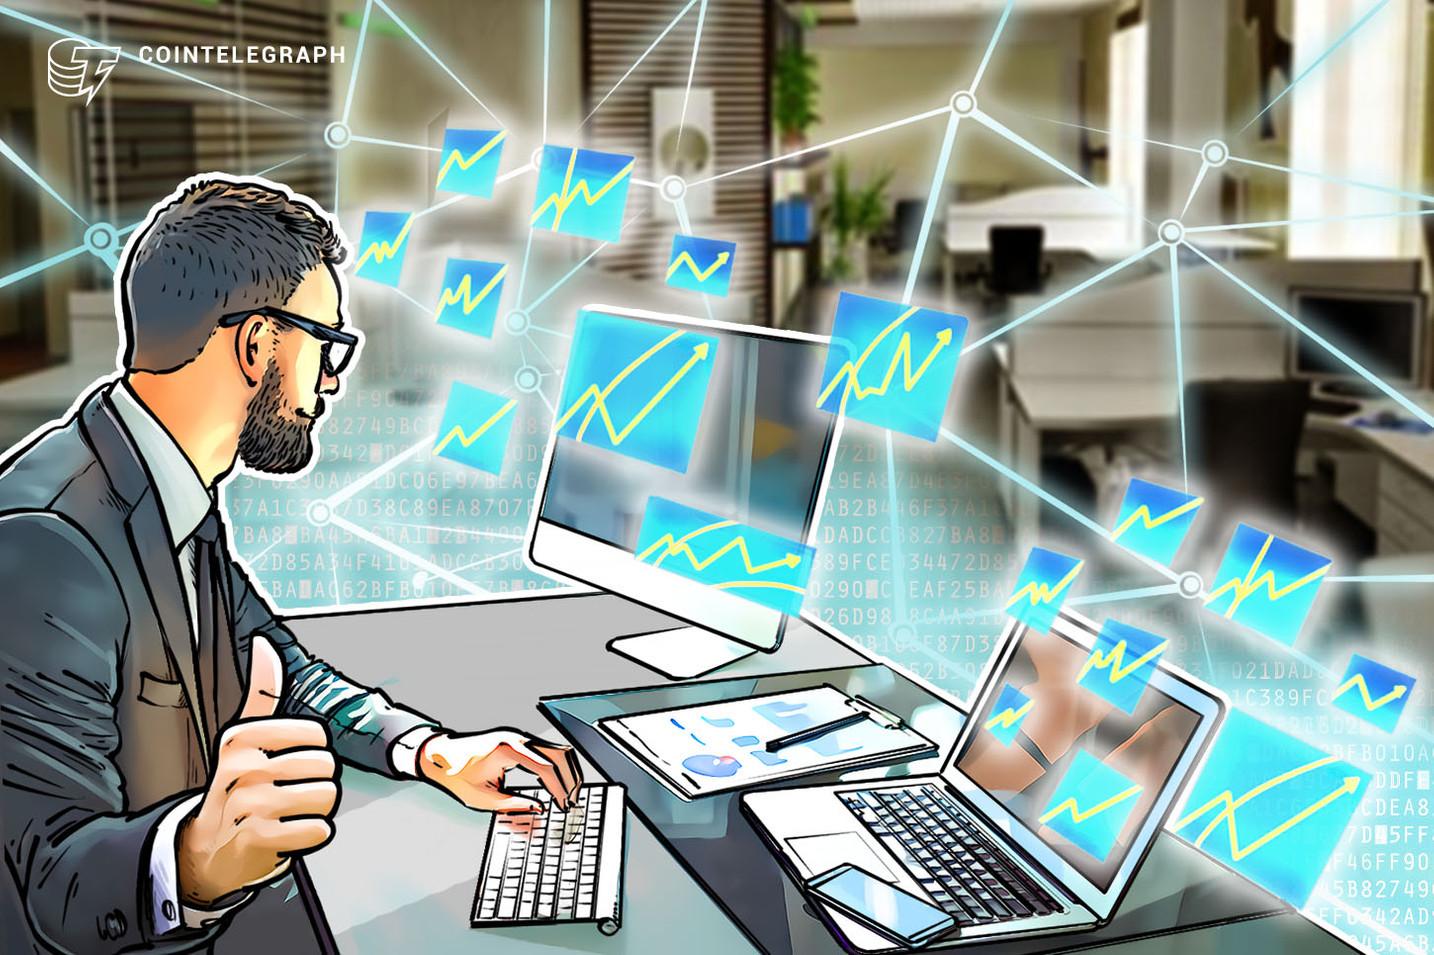 La blockchain potrebbe essere la chiave per evitare la prossima crisi finanziaria, afferma un ex dirigente di JPMorgan